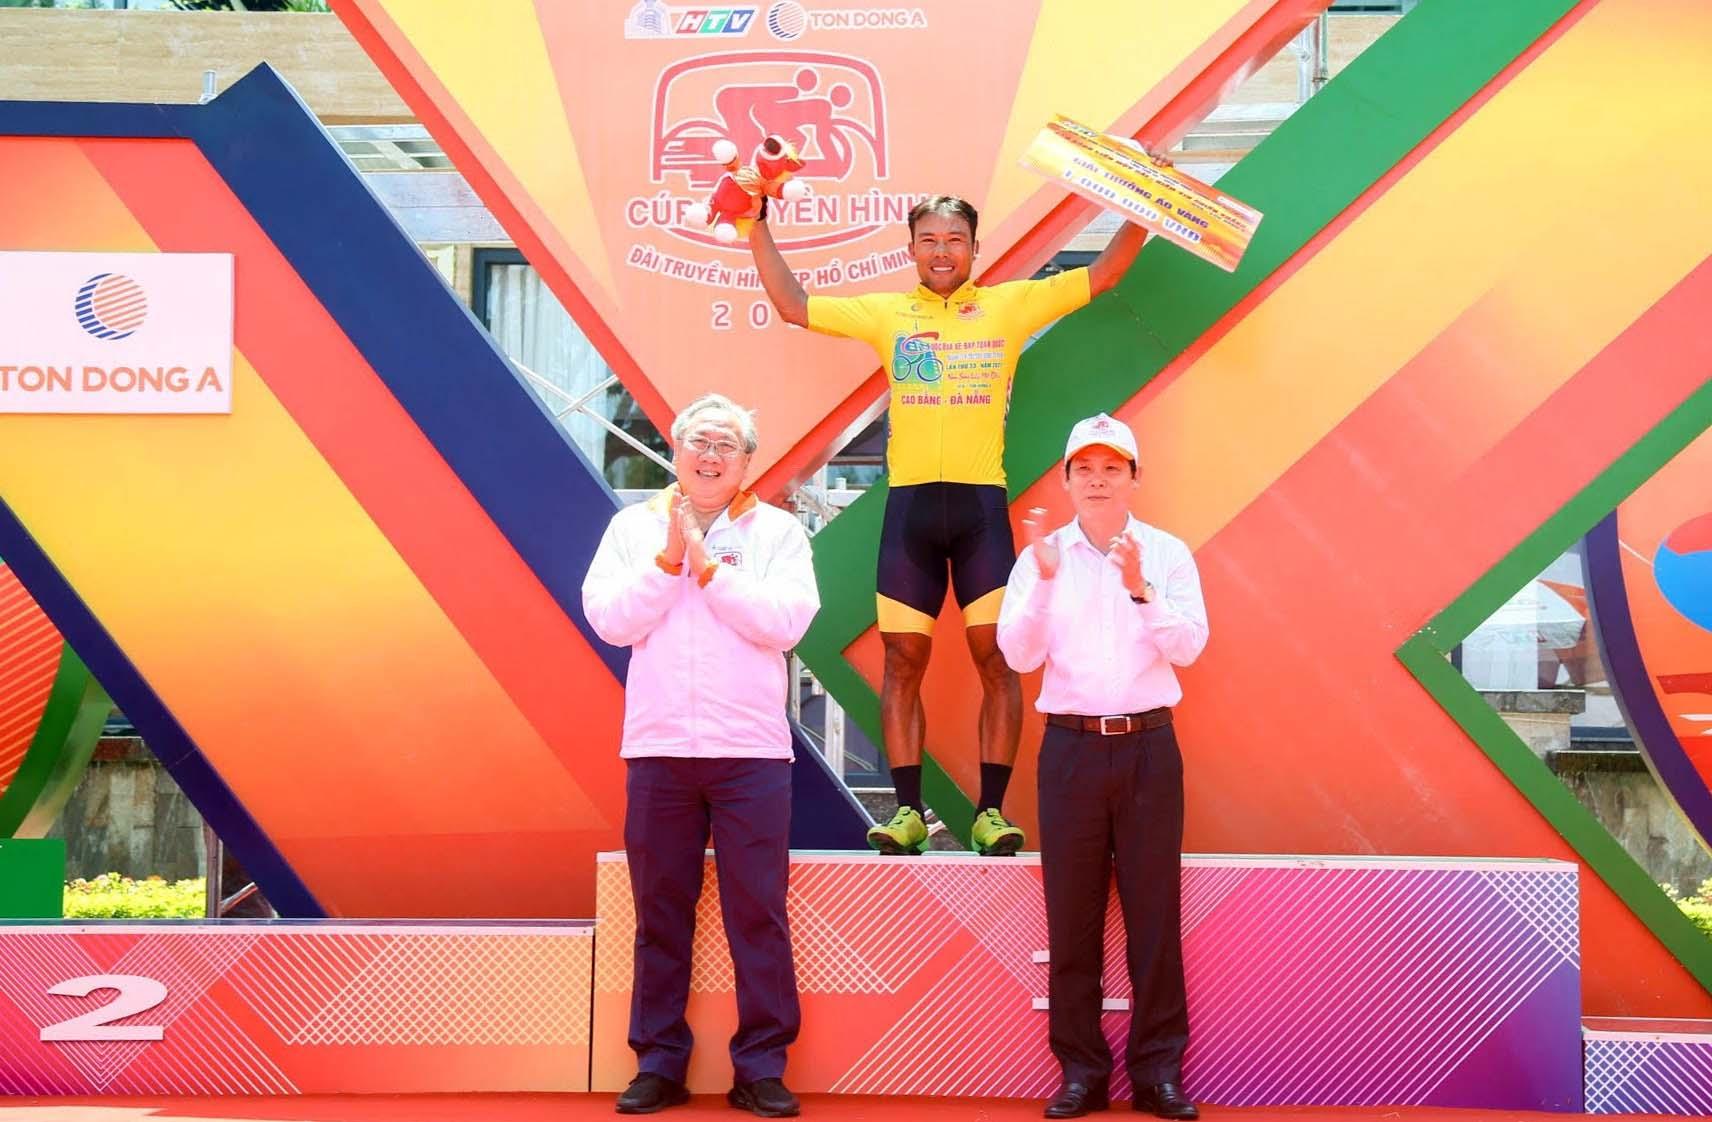 Nguyễn Trường Tài tạm mạc Áo Vàng danh giá sau nửa hành trình của cuộc đua. Ảnh: Văn Thuận.